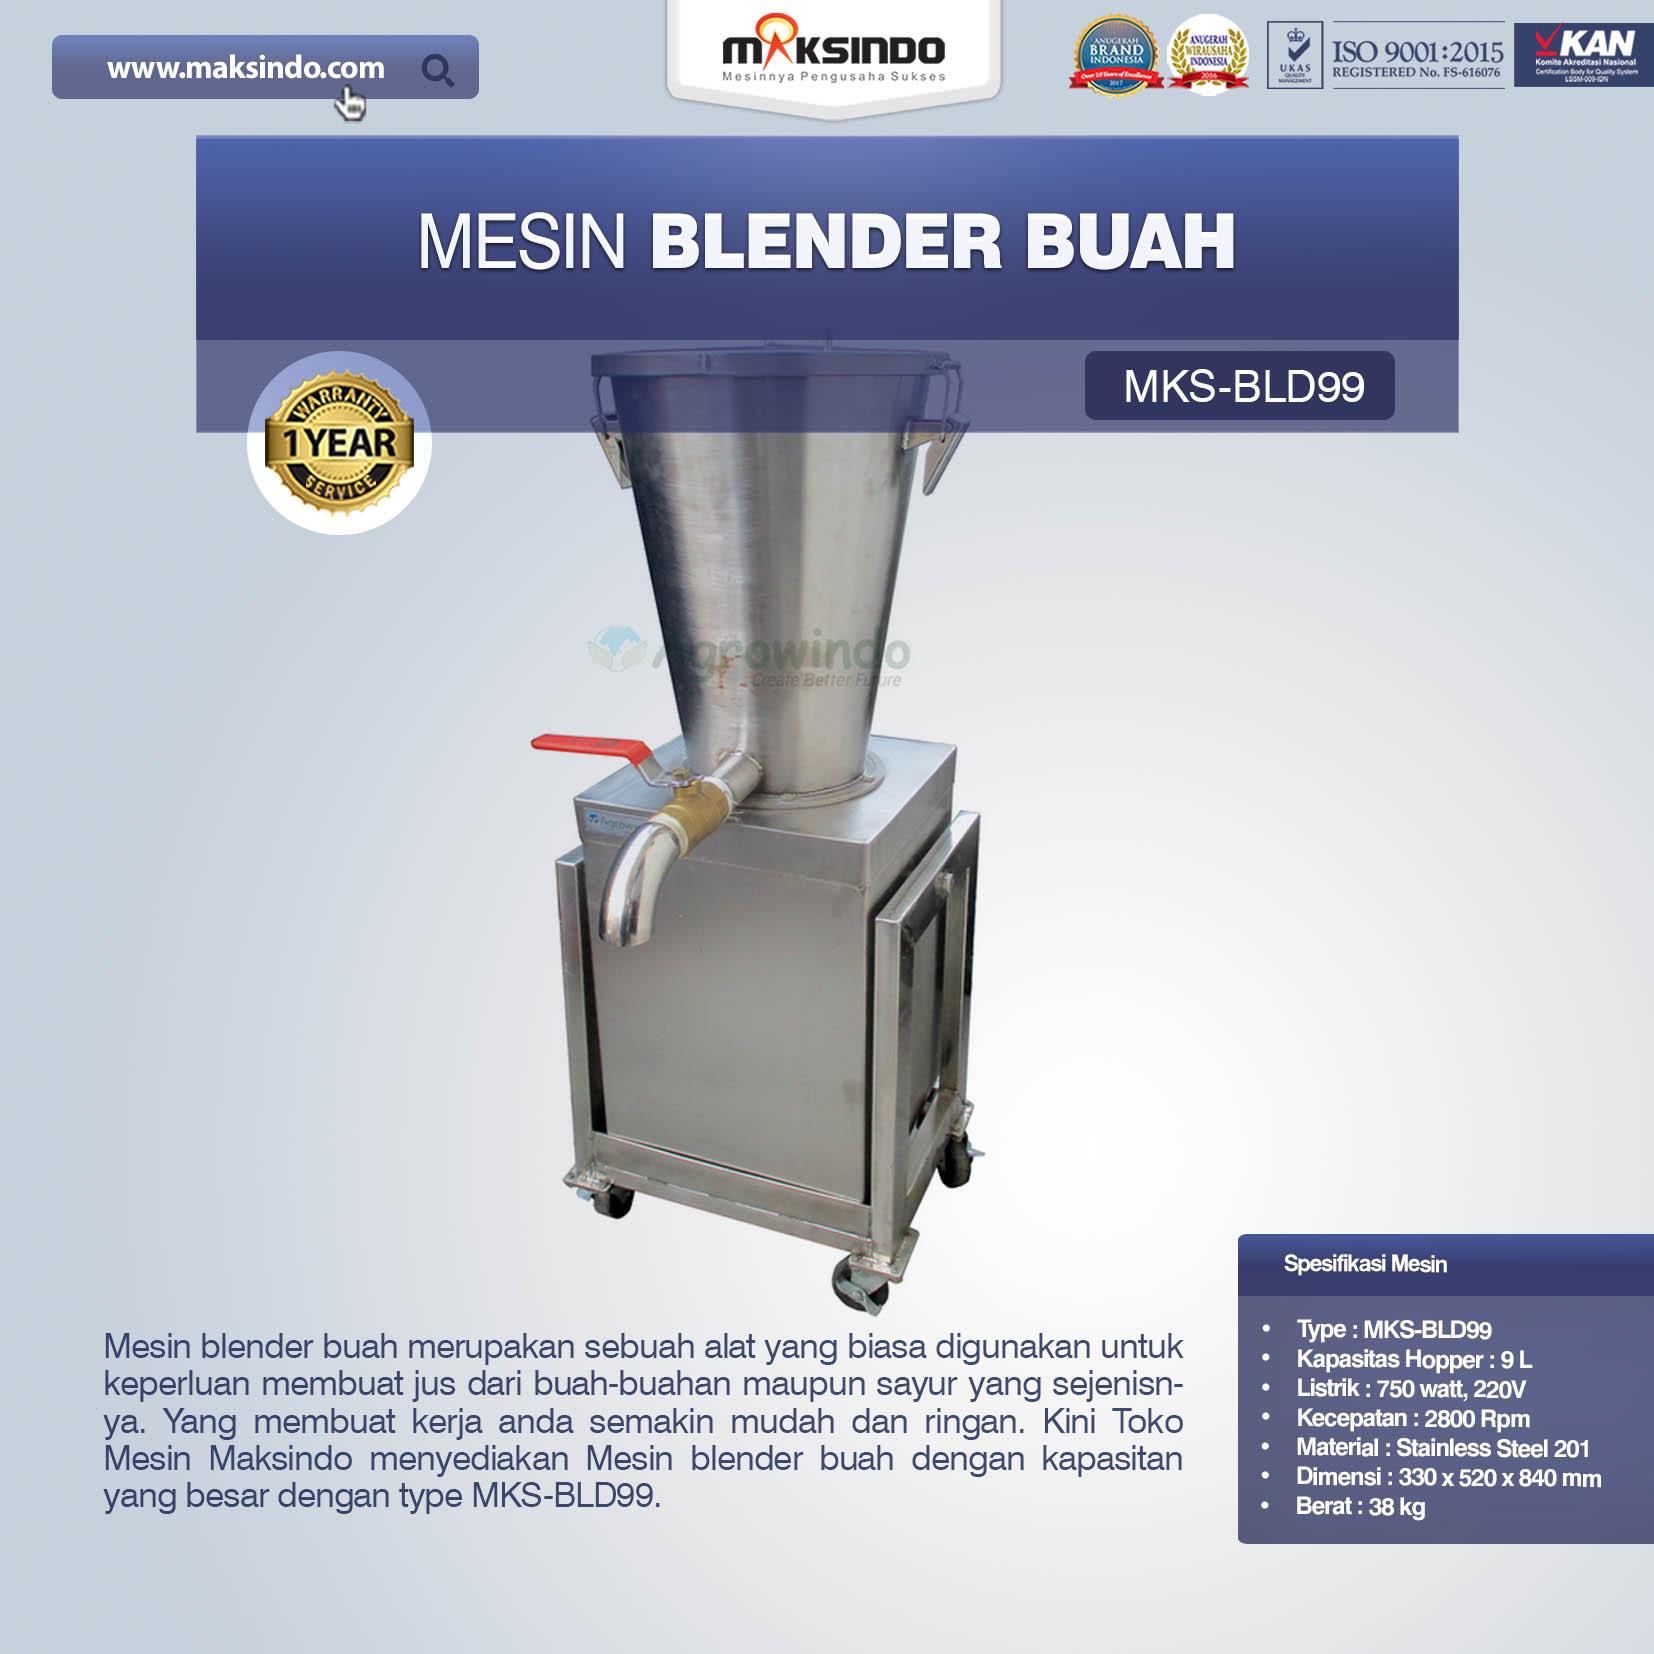 Jual Mesin Blender Buah MKS-BLD99 di Bali